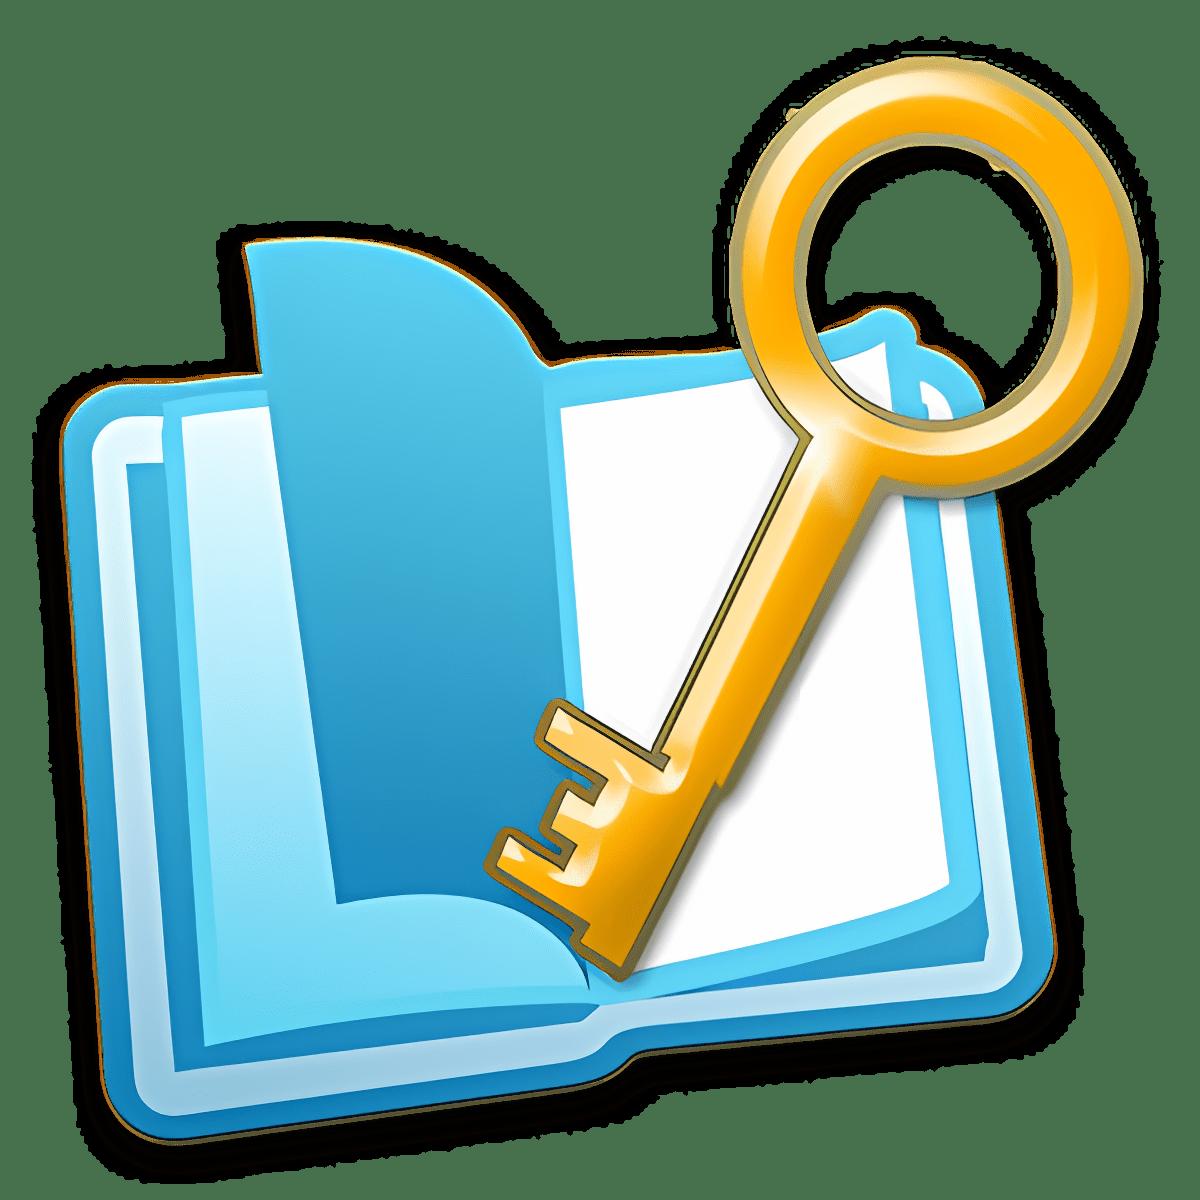 パスワード管理帳(パスメモ)